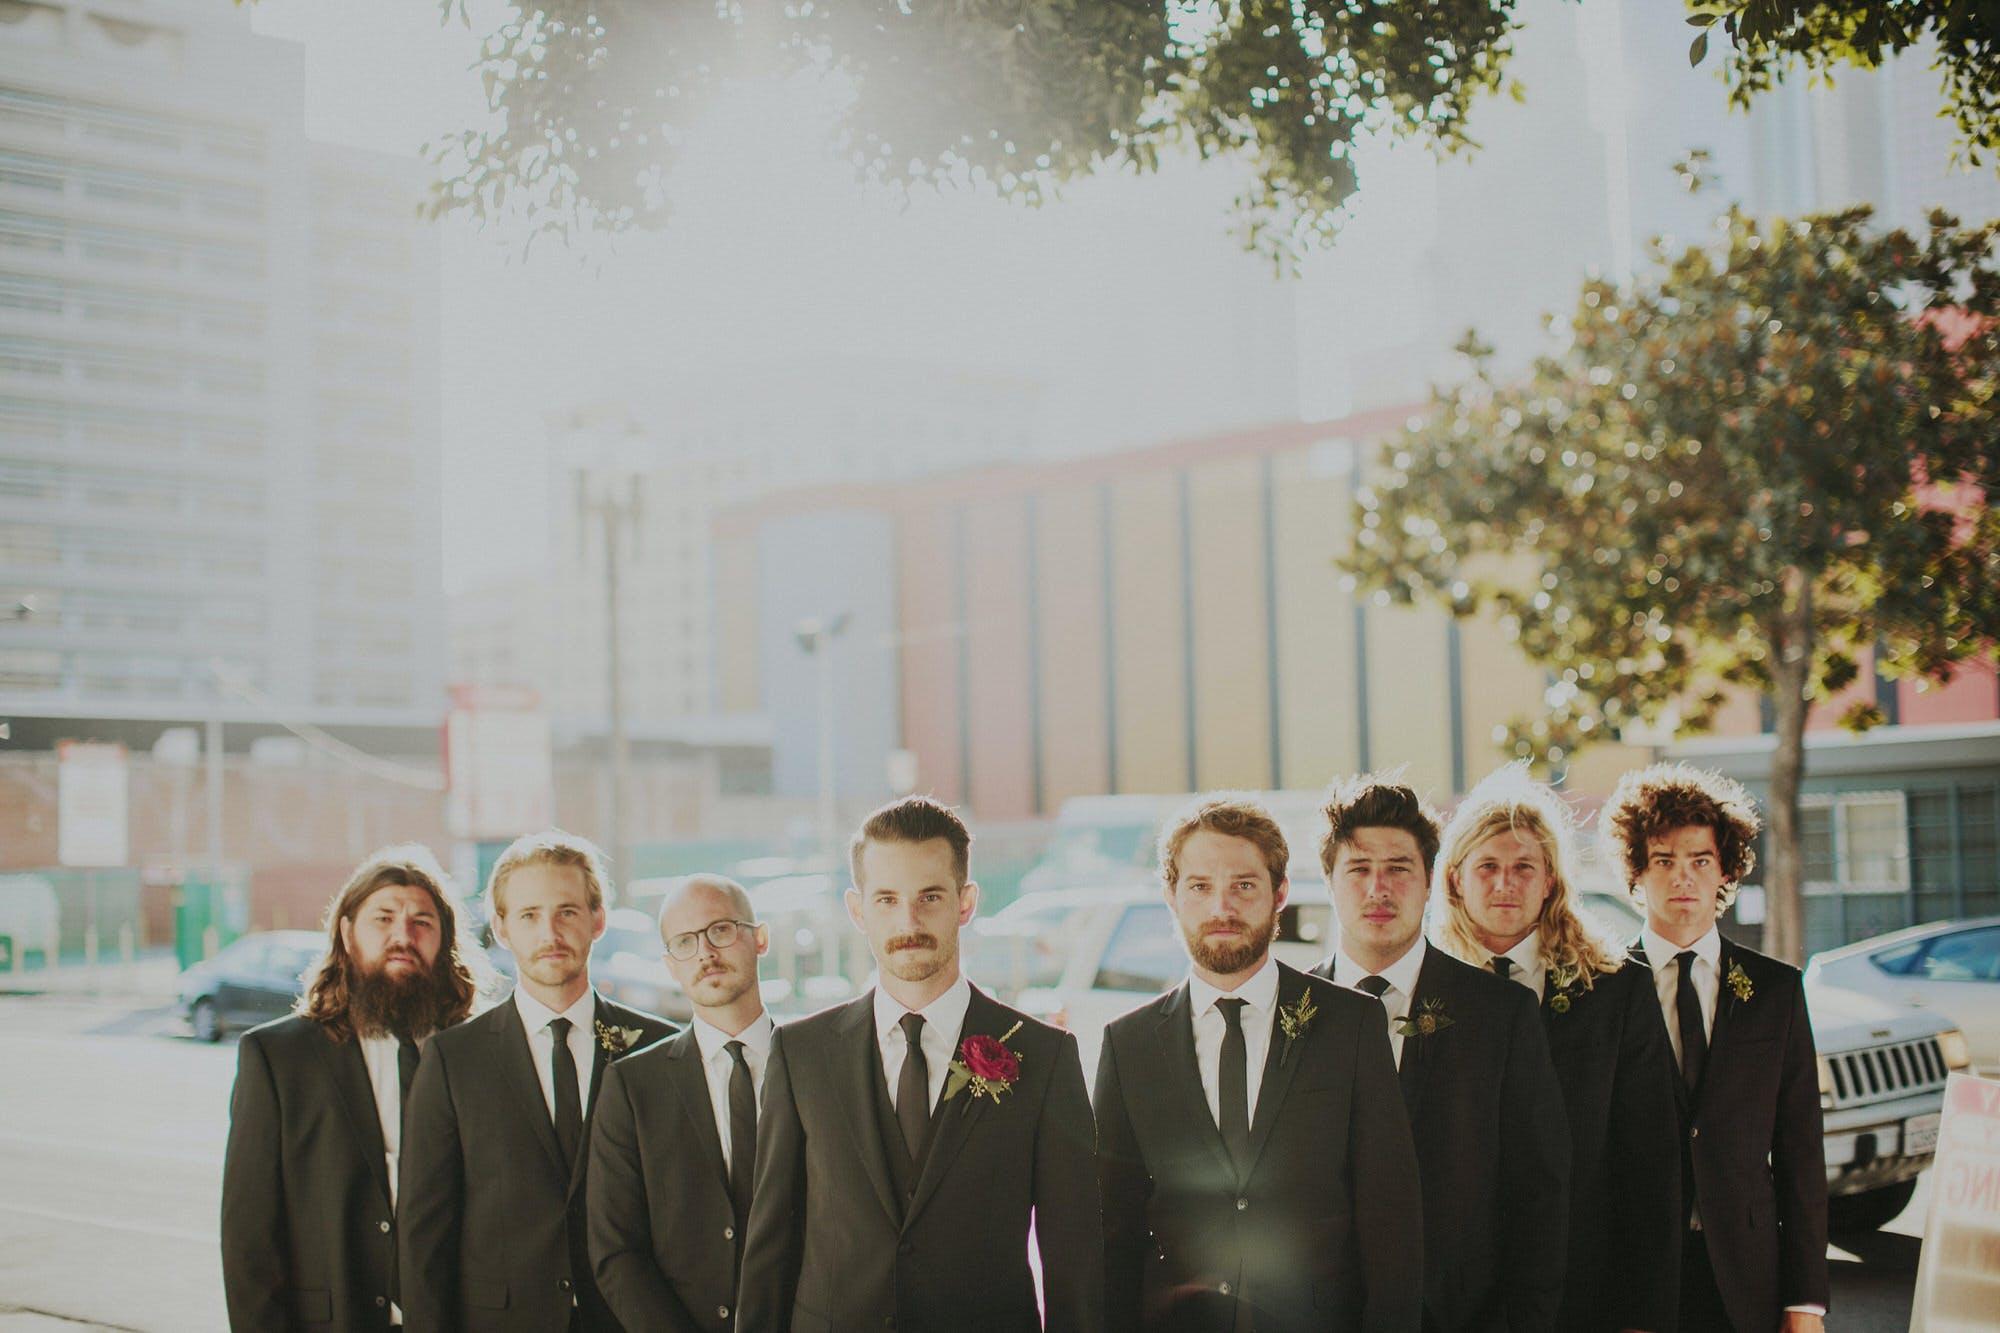 DTLA wedding venues